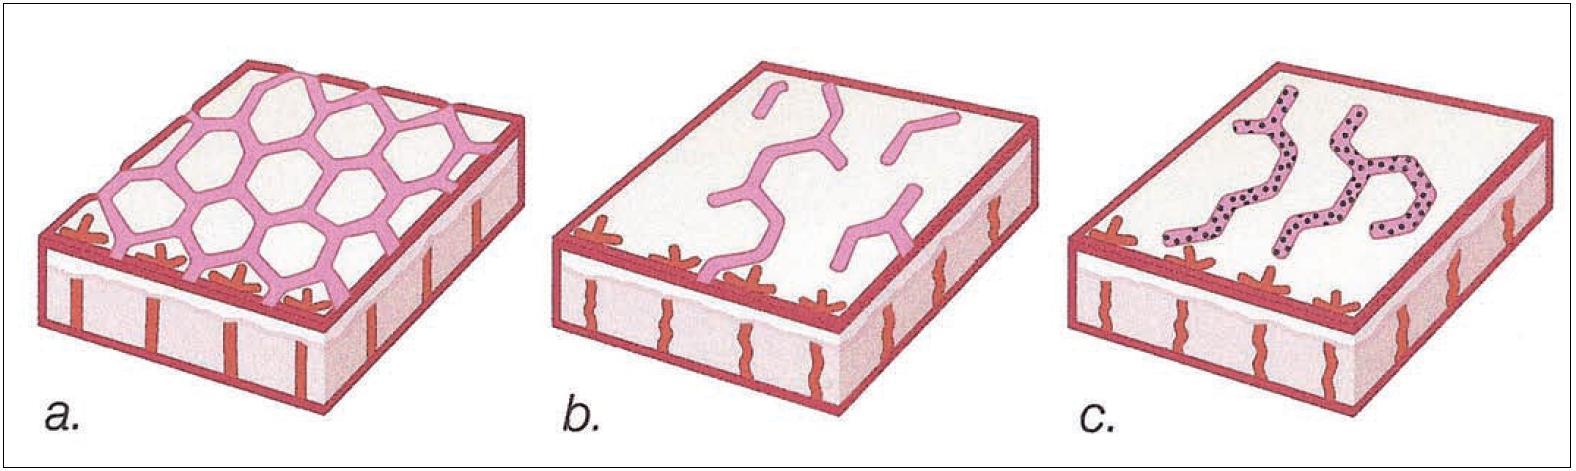 Kožní vaskularizace a) pravidelná síť u livedo reticularis; b) nepravidelná síť u livedo racemosa; c) retiformní purpura (Modifikováno podle DOWD P. M. [3])